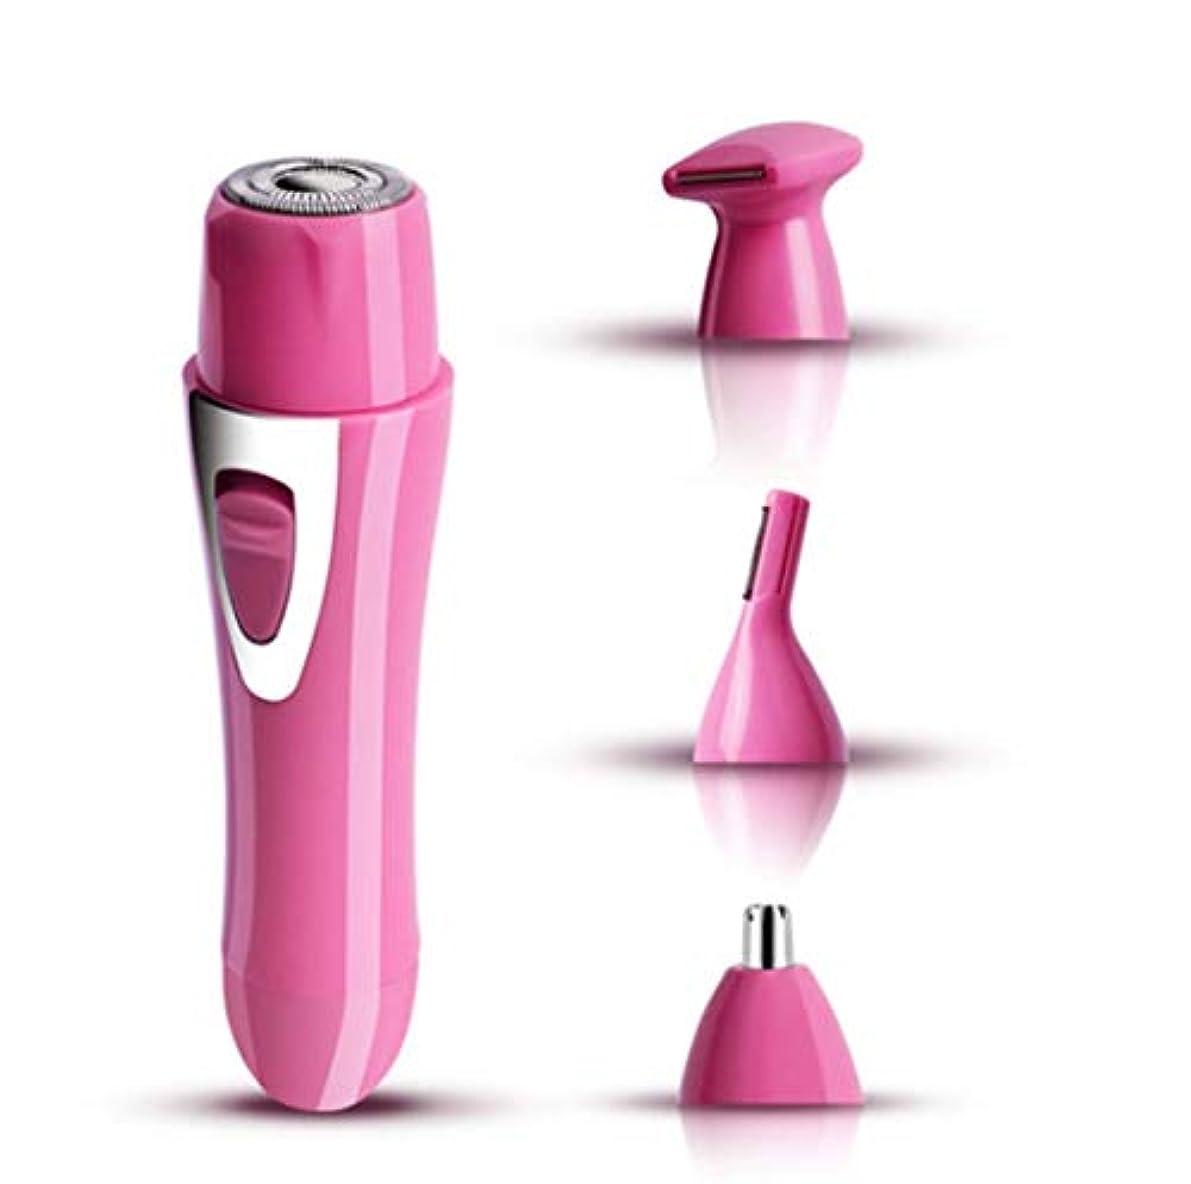 混合腐敗したグラマーレディースシェーバー 電動 フェイスシェーバー 脱毛器 女性 顔剃り (ピンク)